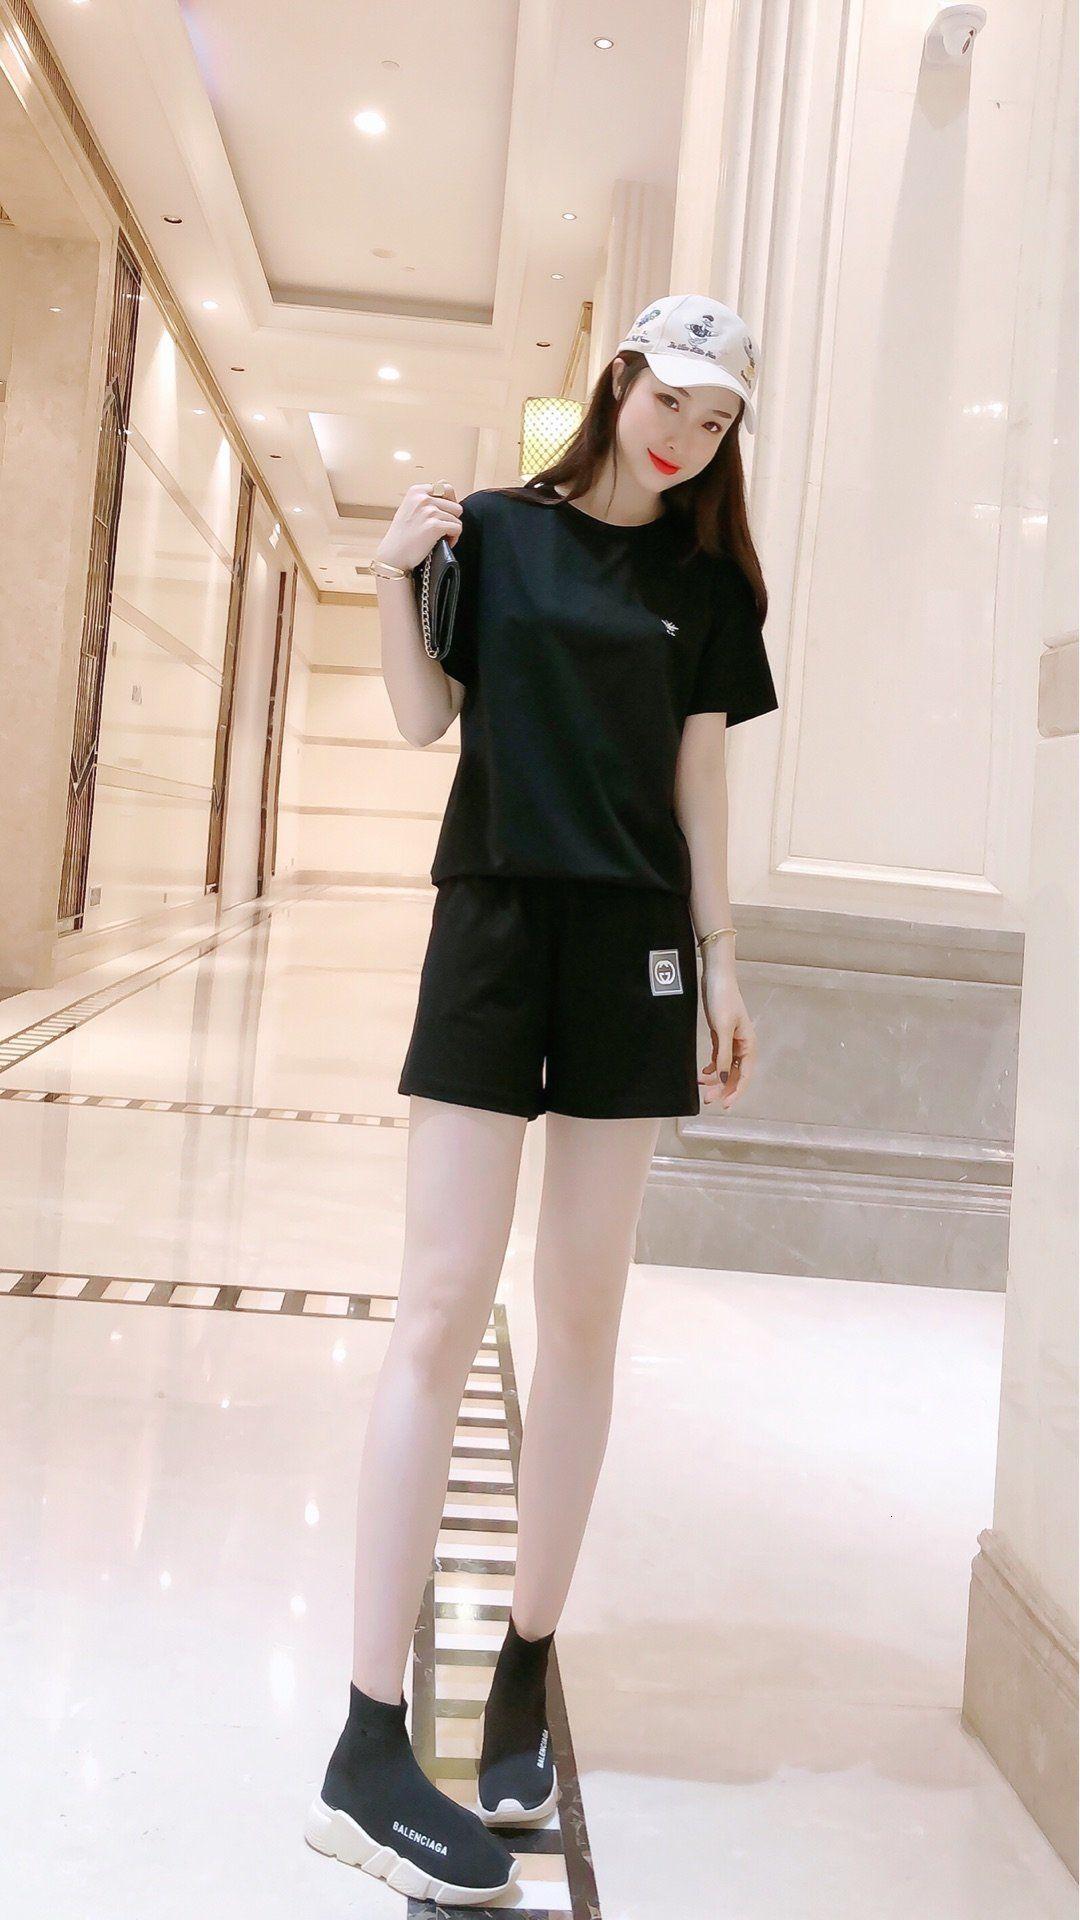 Designer-Frauen 2 Stück Sätze Frauen Trainingsanzug heiße beste empfehlen Verkauf Freies die neue Auflistung Partei einfachen Versand U3OU 5MVM 5MVM